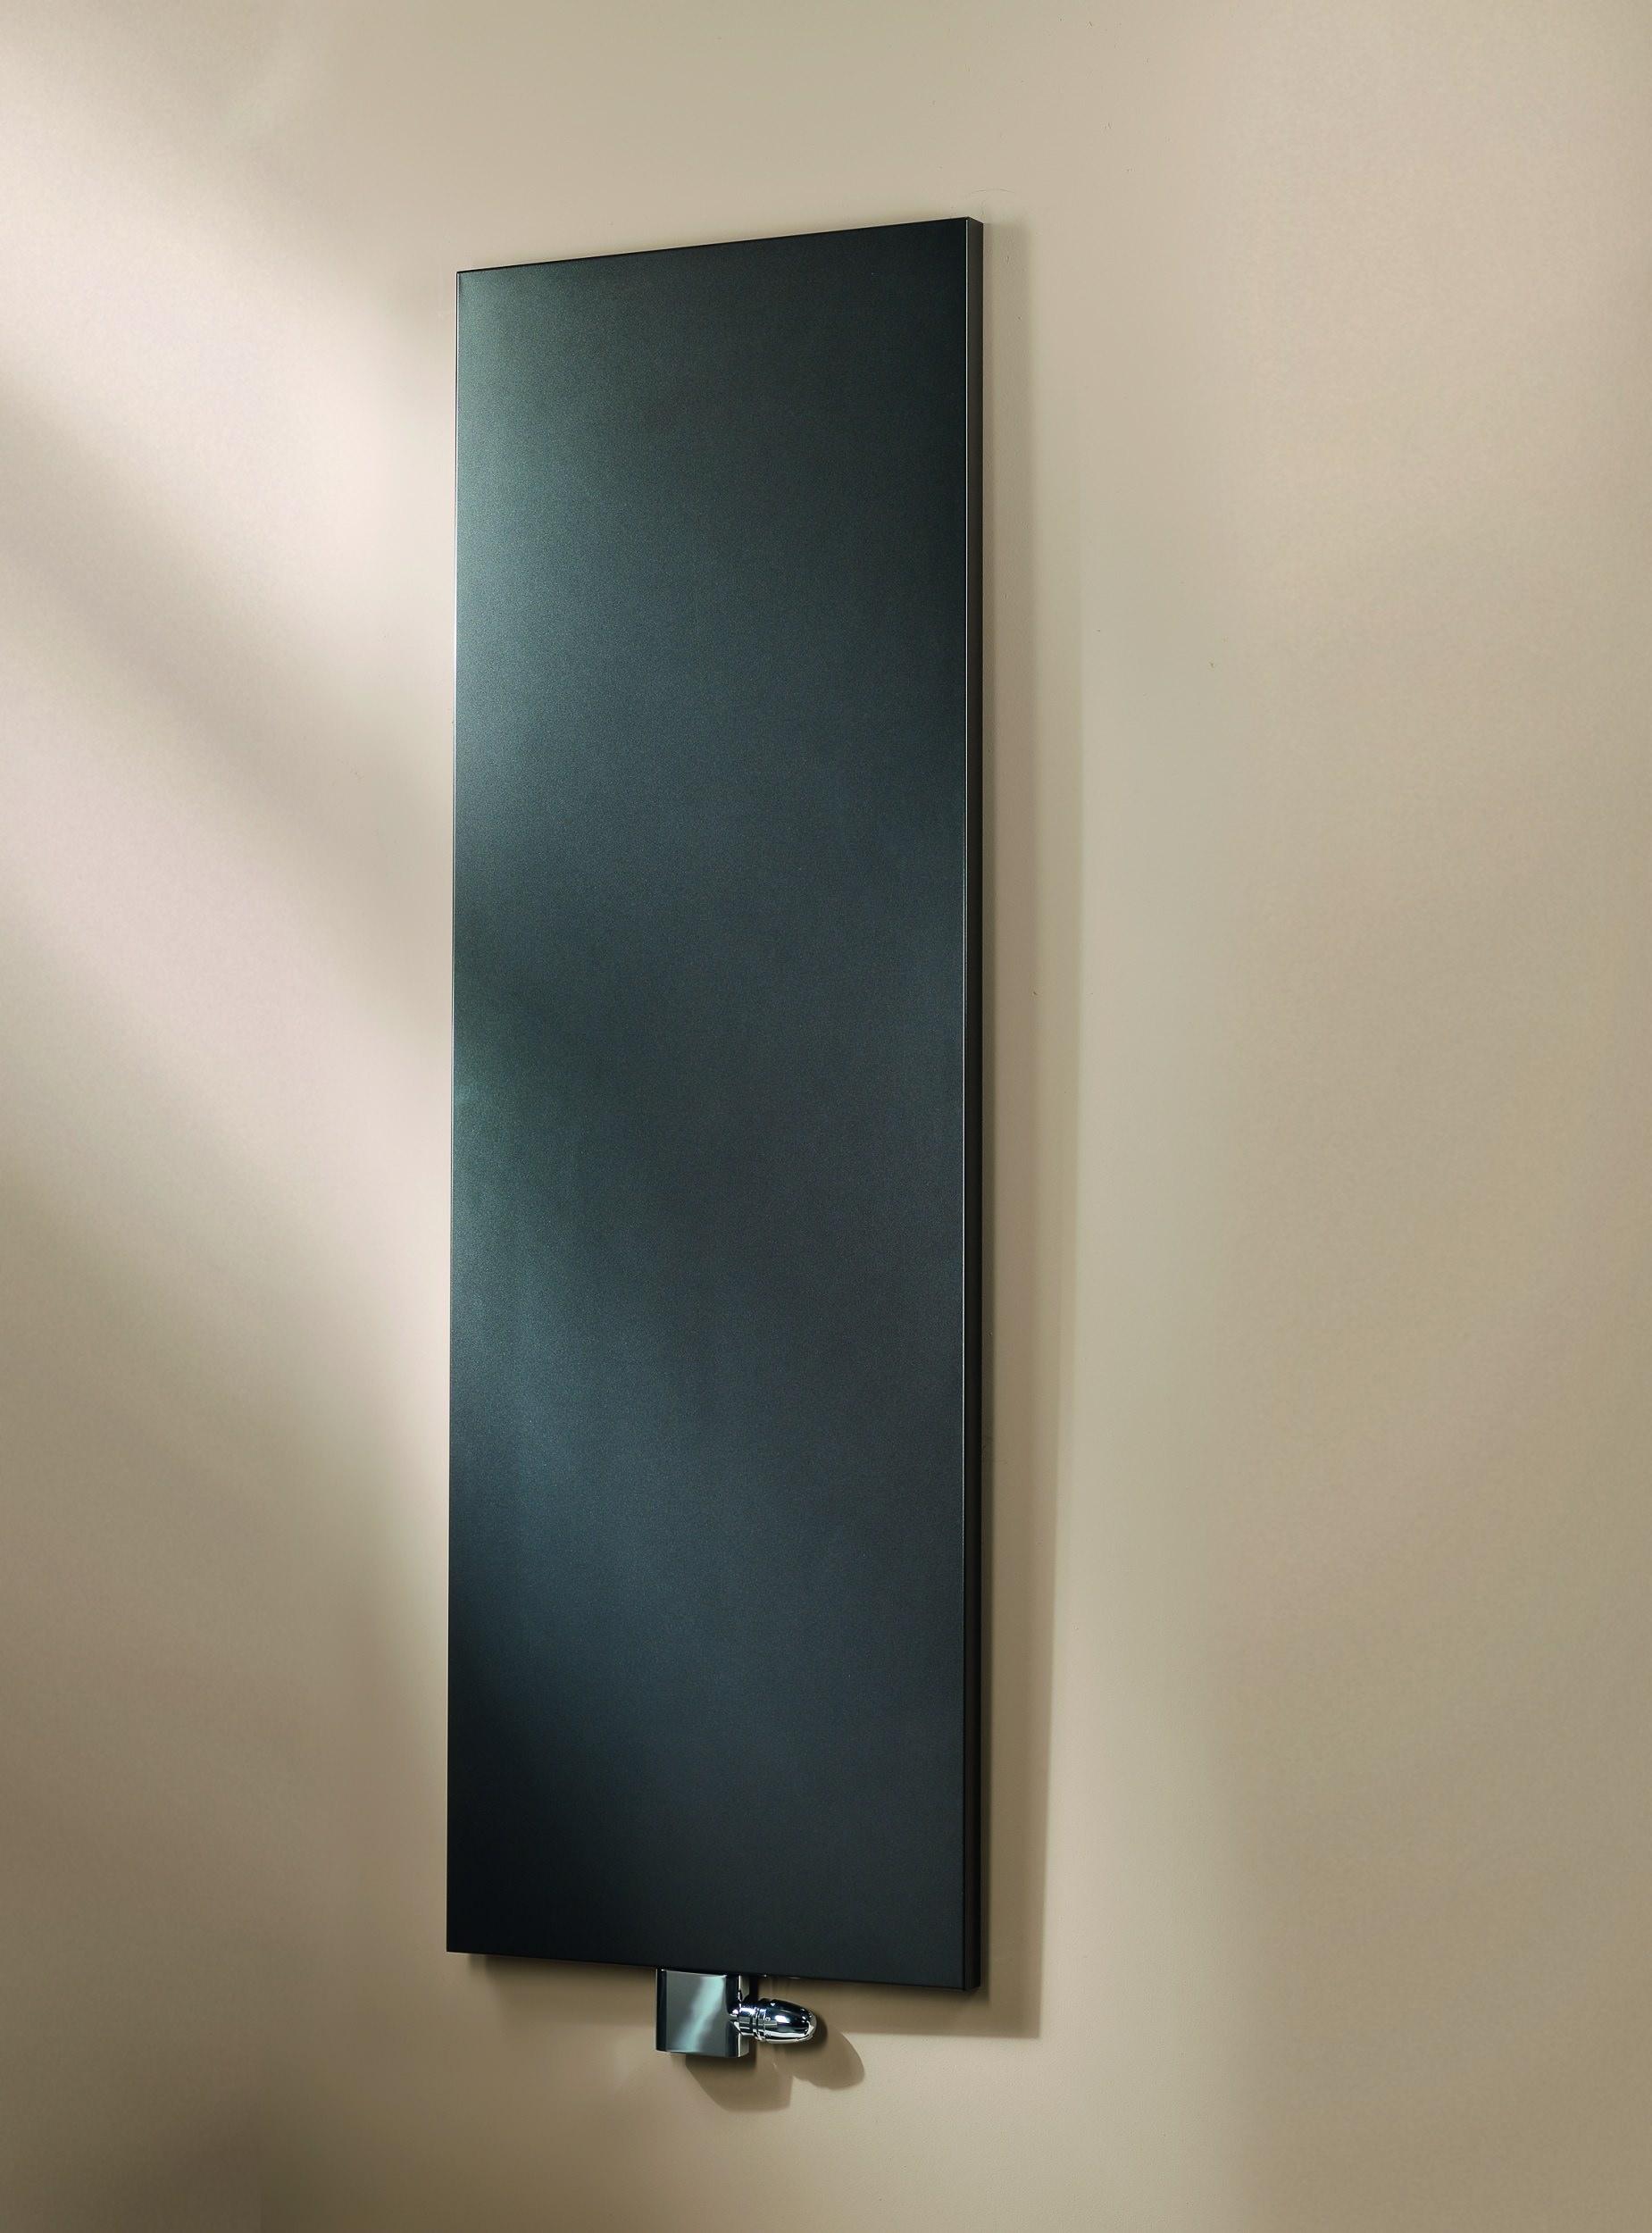 Schulte New York Design-Heizkörper 1806mm x 456mm Alpinweiß | Bad ...